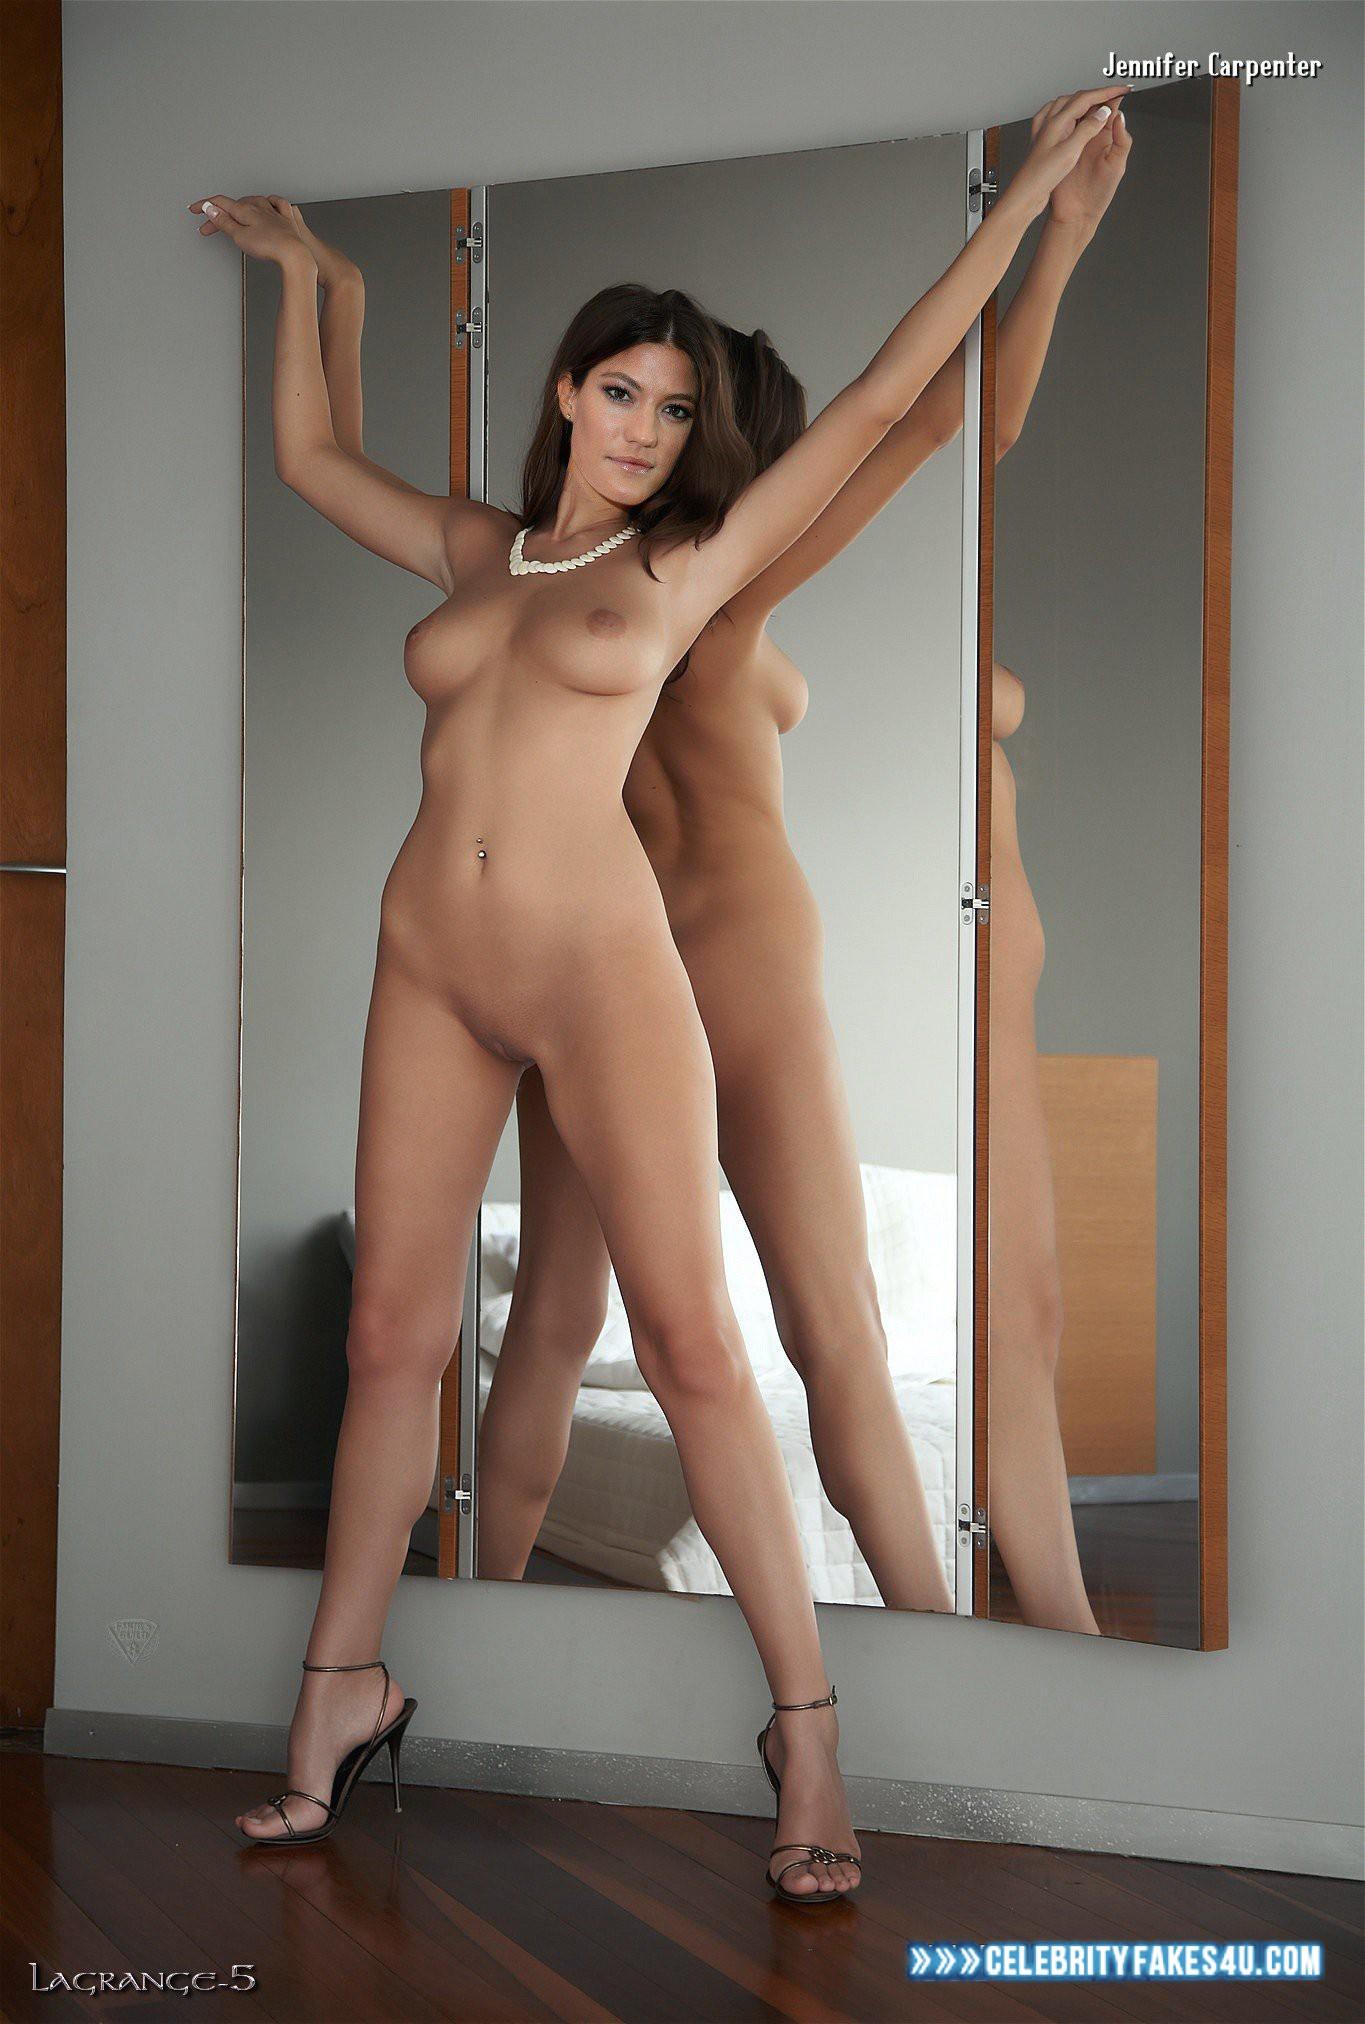 Carpenter nude